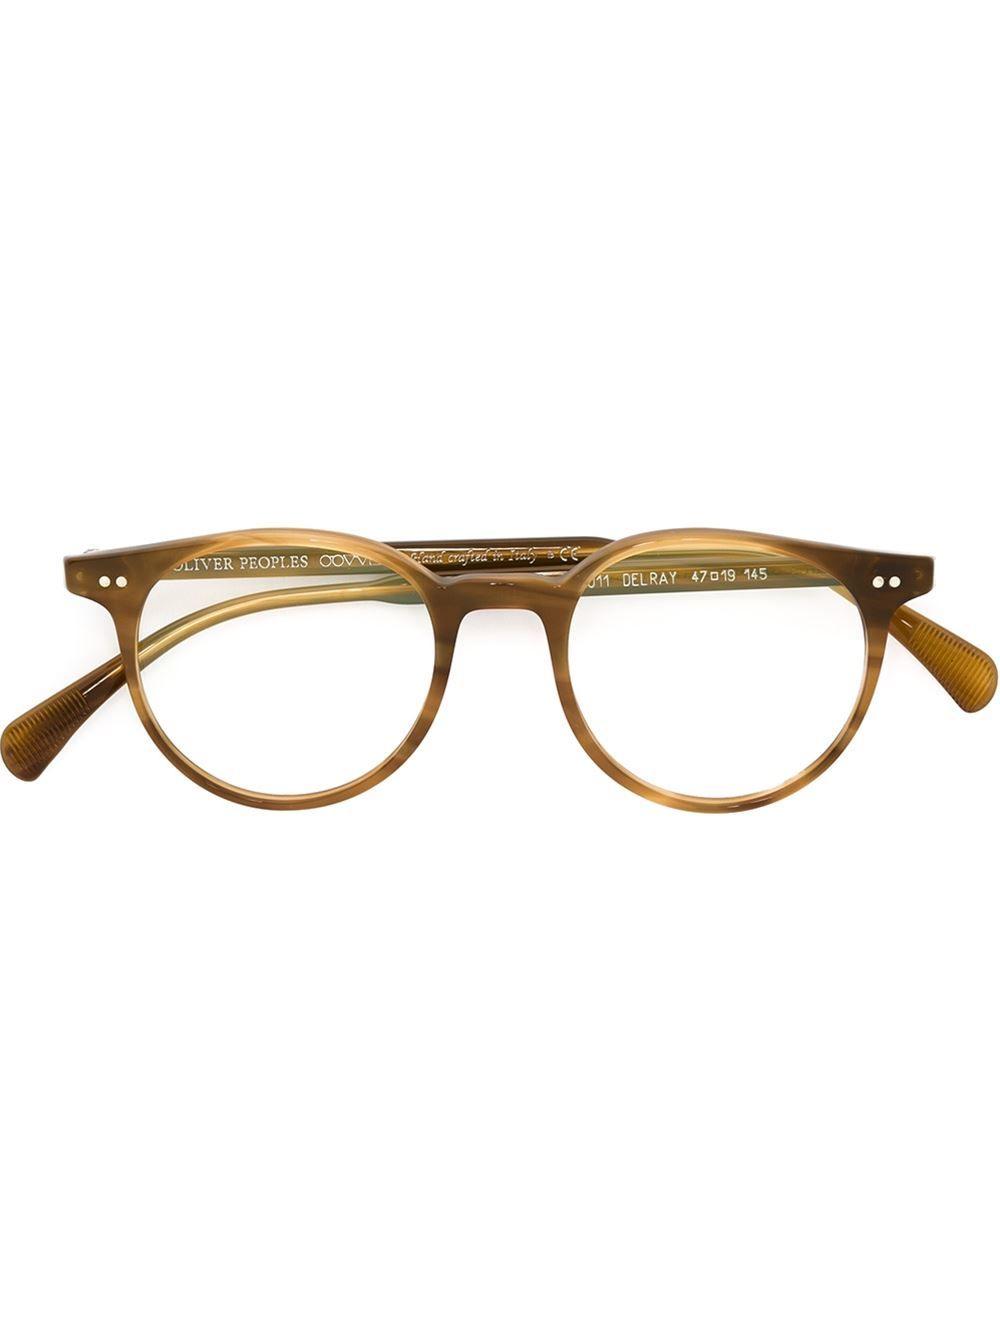 00272de638 Oliver peoples lunettes de vue delray raintree homme accessoires ,oliver  peoples op 523 gothic rose